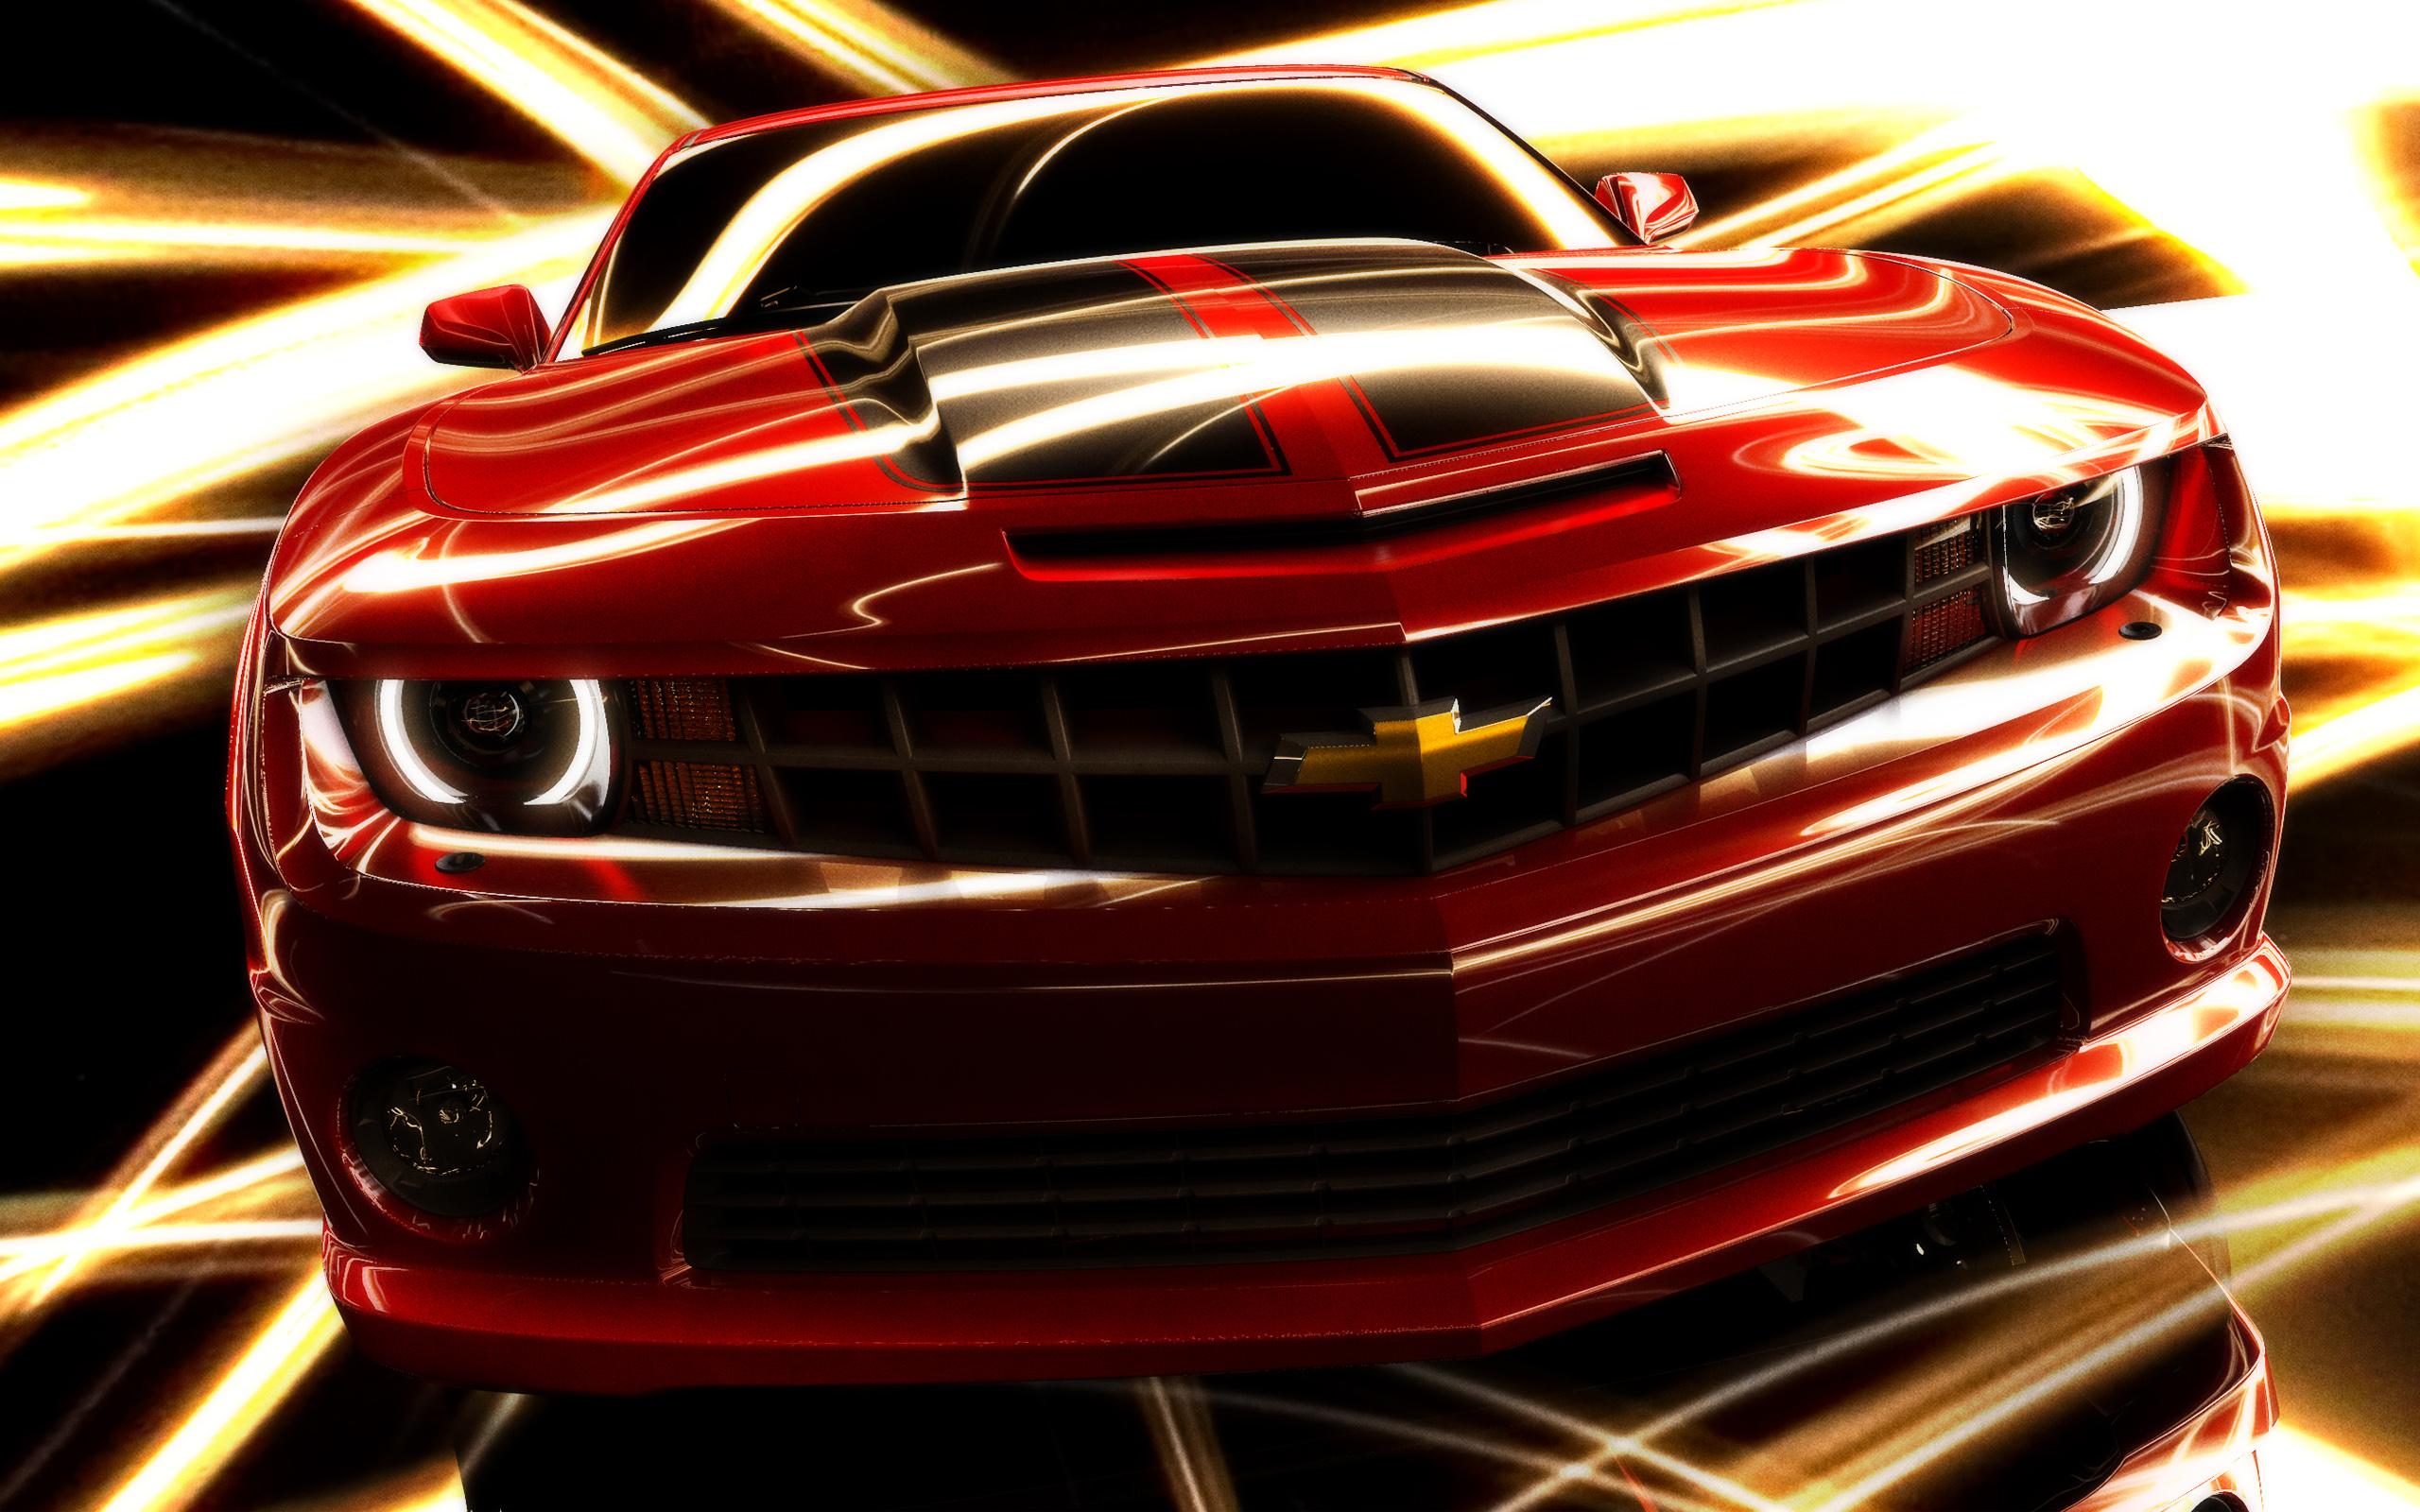 GM Camaro Wallpaper HD Car Wallpapers 2560x1600